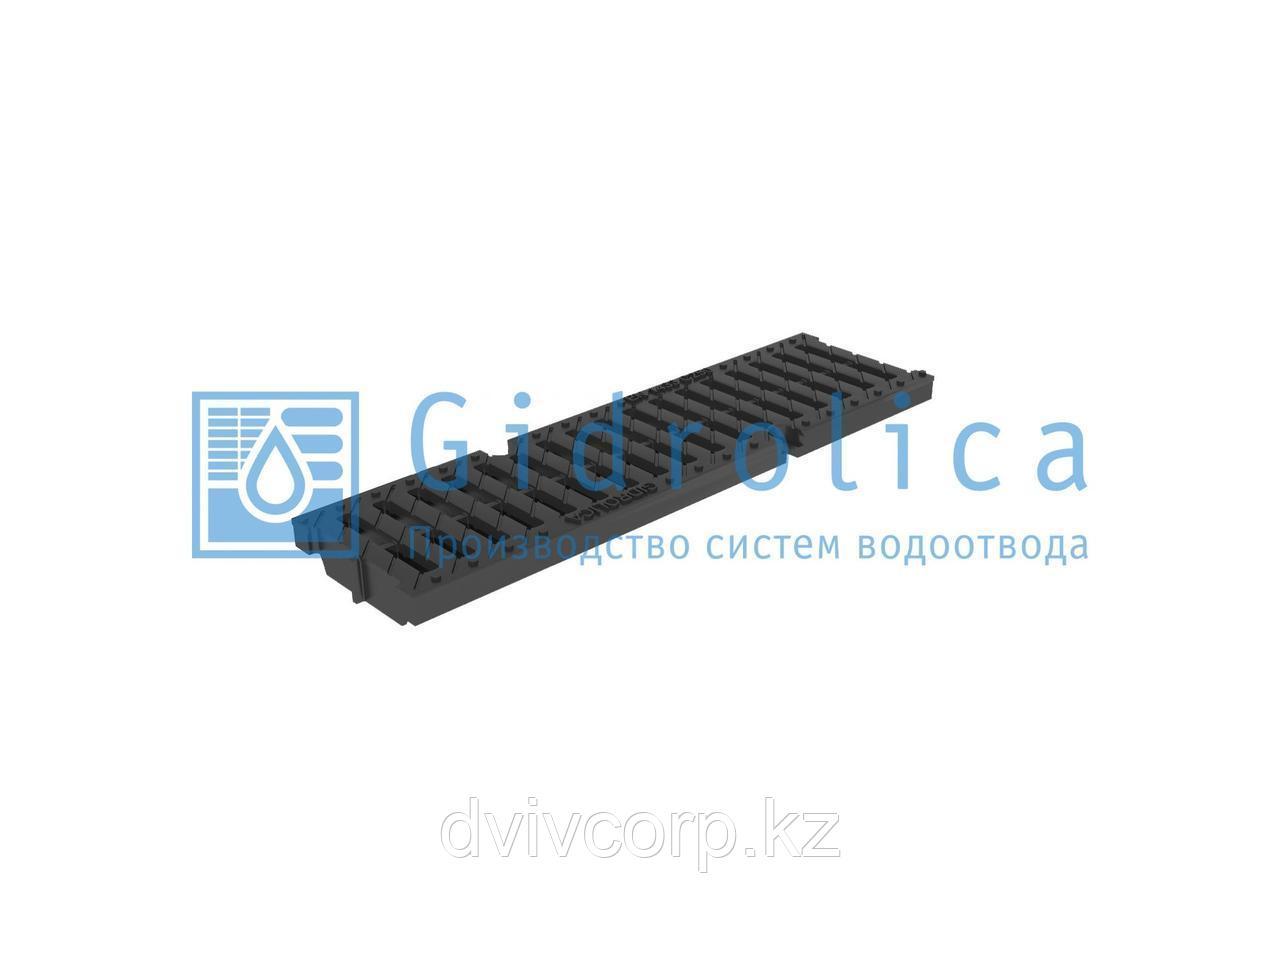 Арт. 509 Решетка водоприемная Gidrolica Pro РВ -10.13,5.50 - щелевая пластиковая, кл. С250